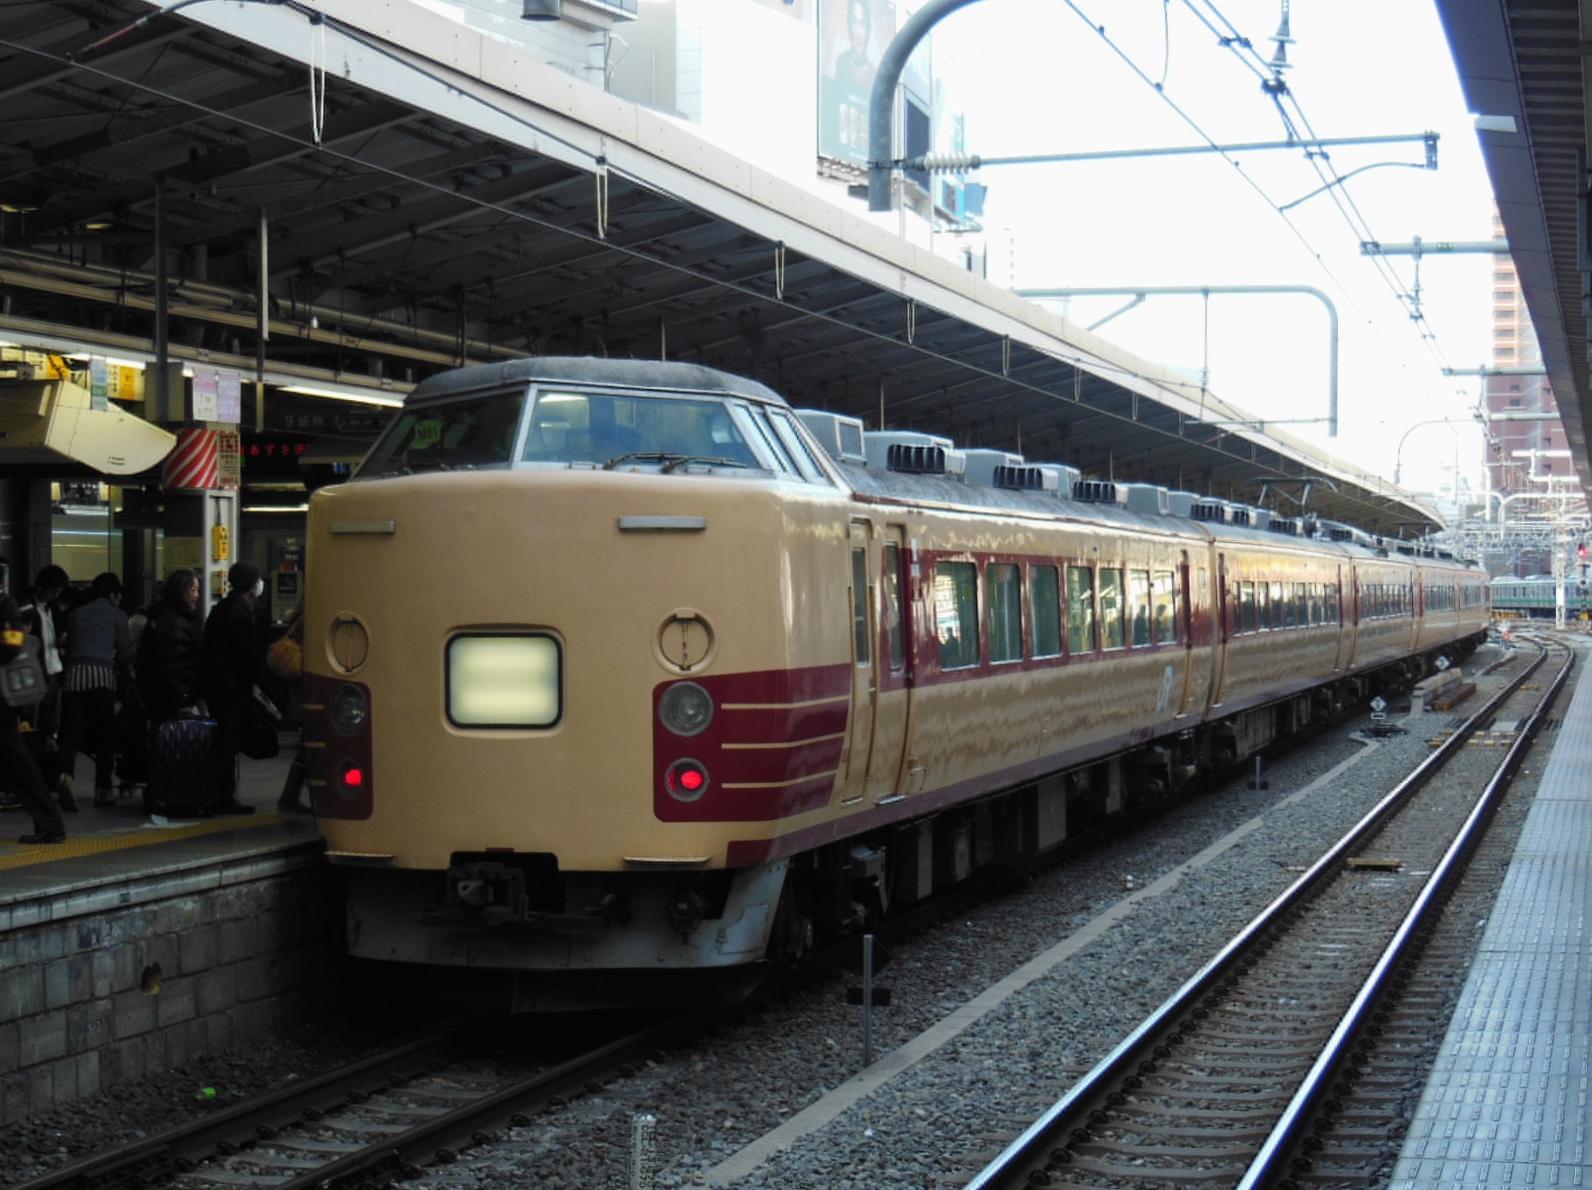 DSCN6438.jpg